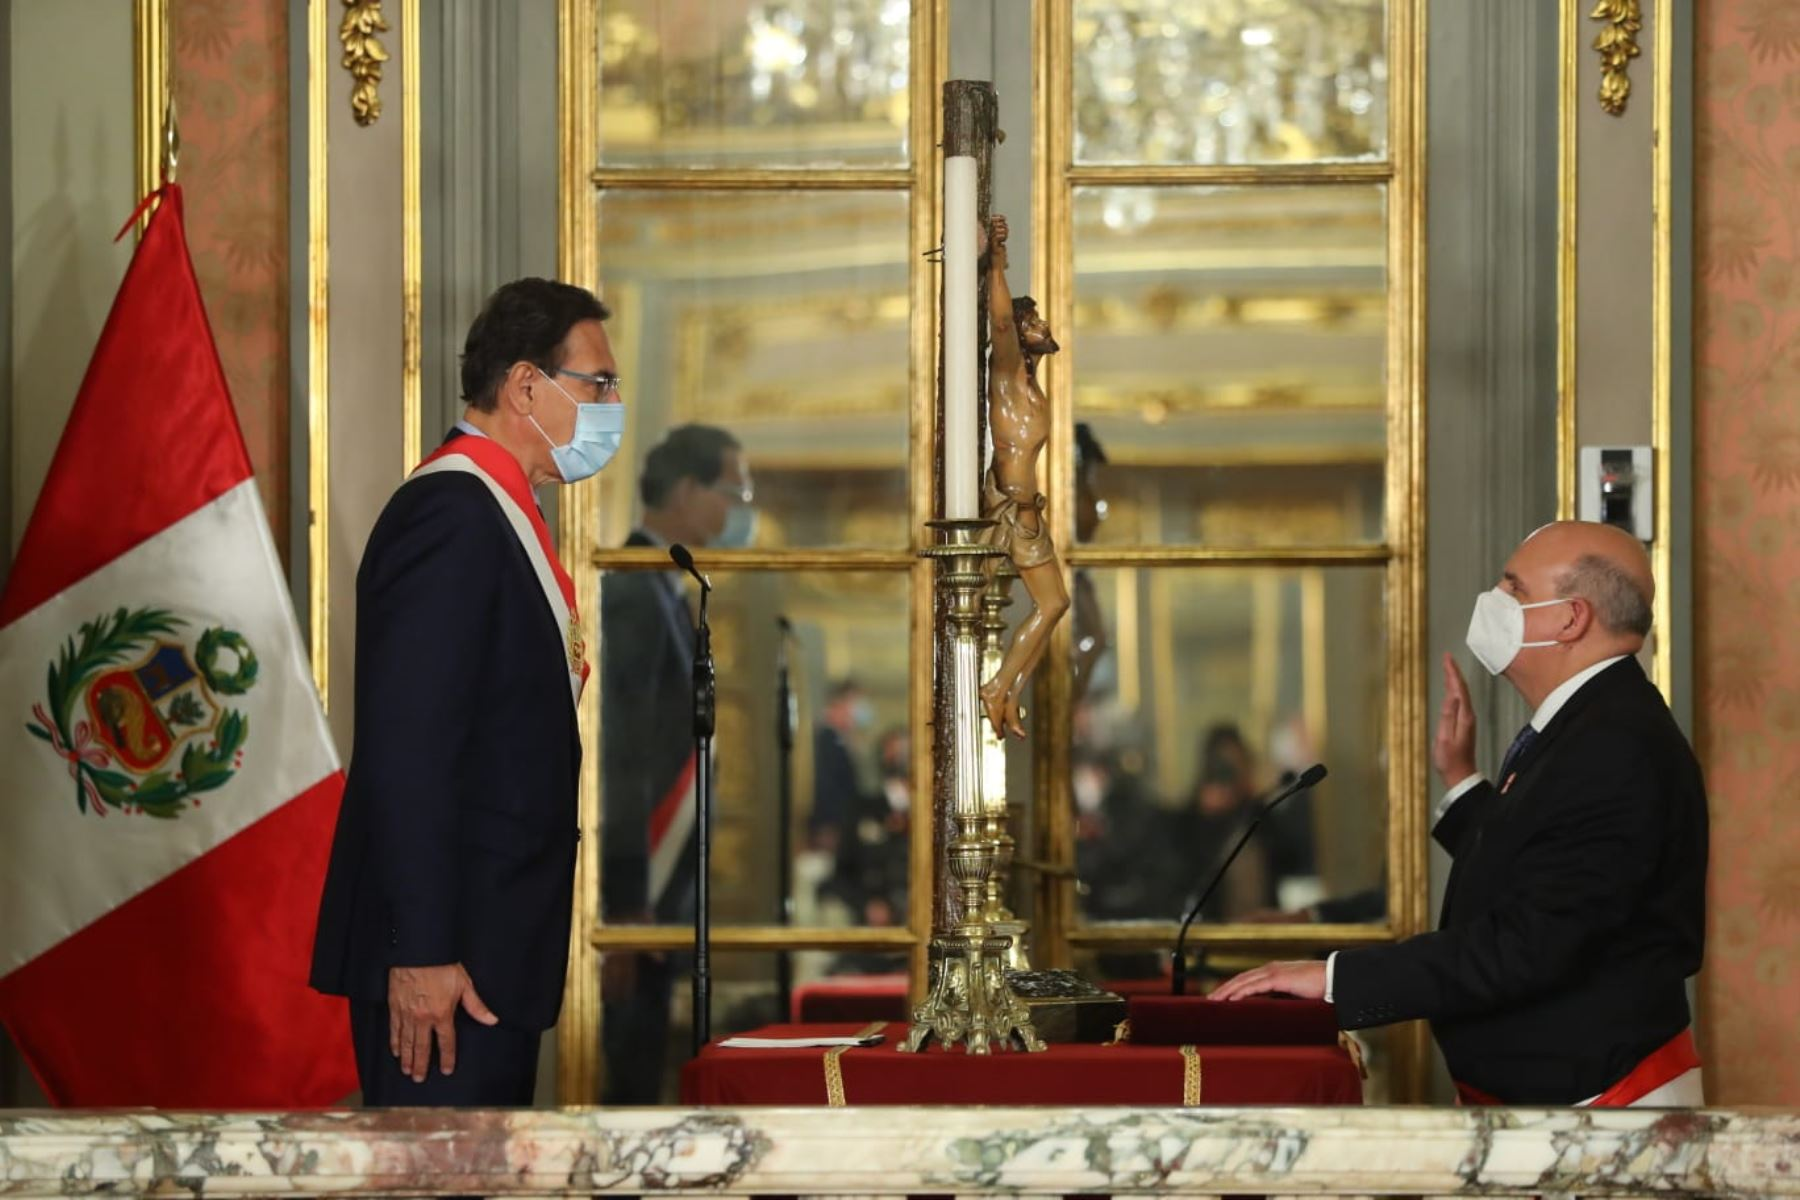 Presidente Martín Vizcarra toma juramento de Mario Juvenal López como el nuevo ministro de Relaciones Exteriores. Foto: ANDINA/ Prensa Presidencia